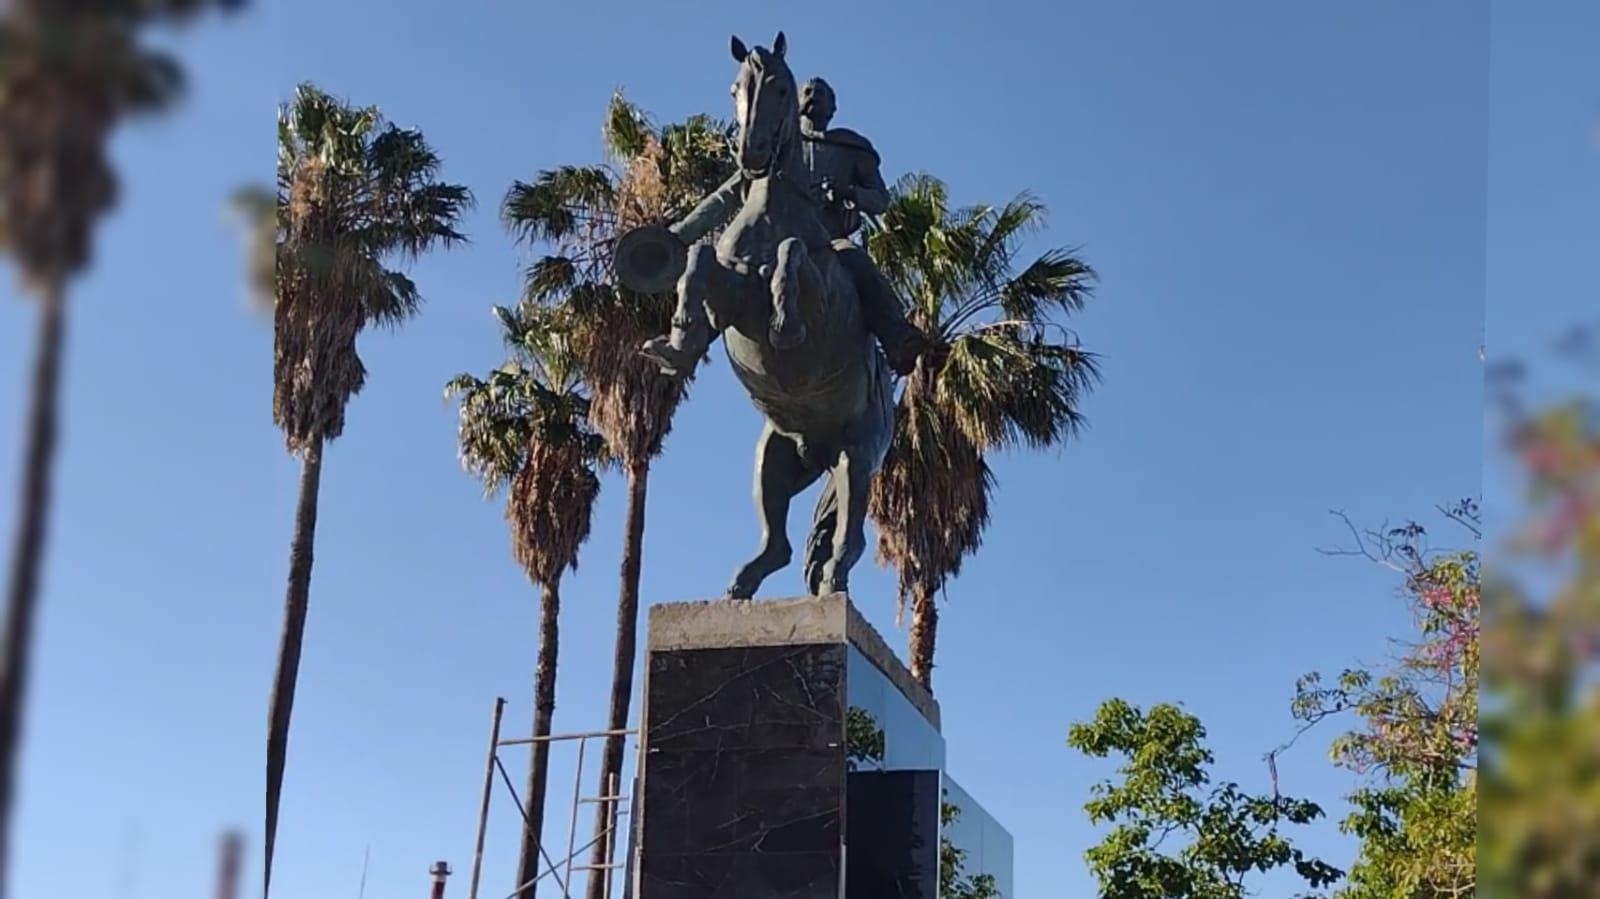 El monumento de Juan Bautista Bustos ya se luce en San Francisco